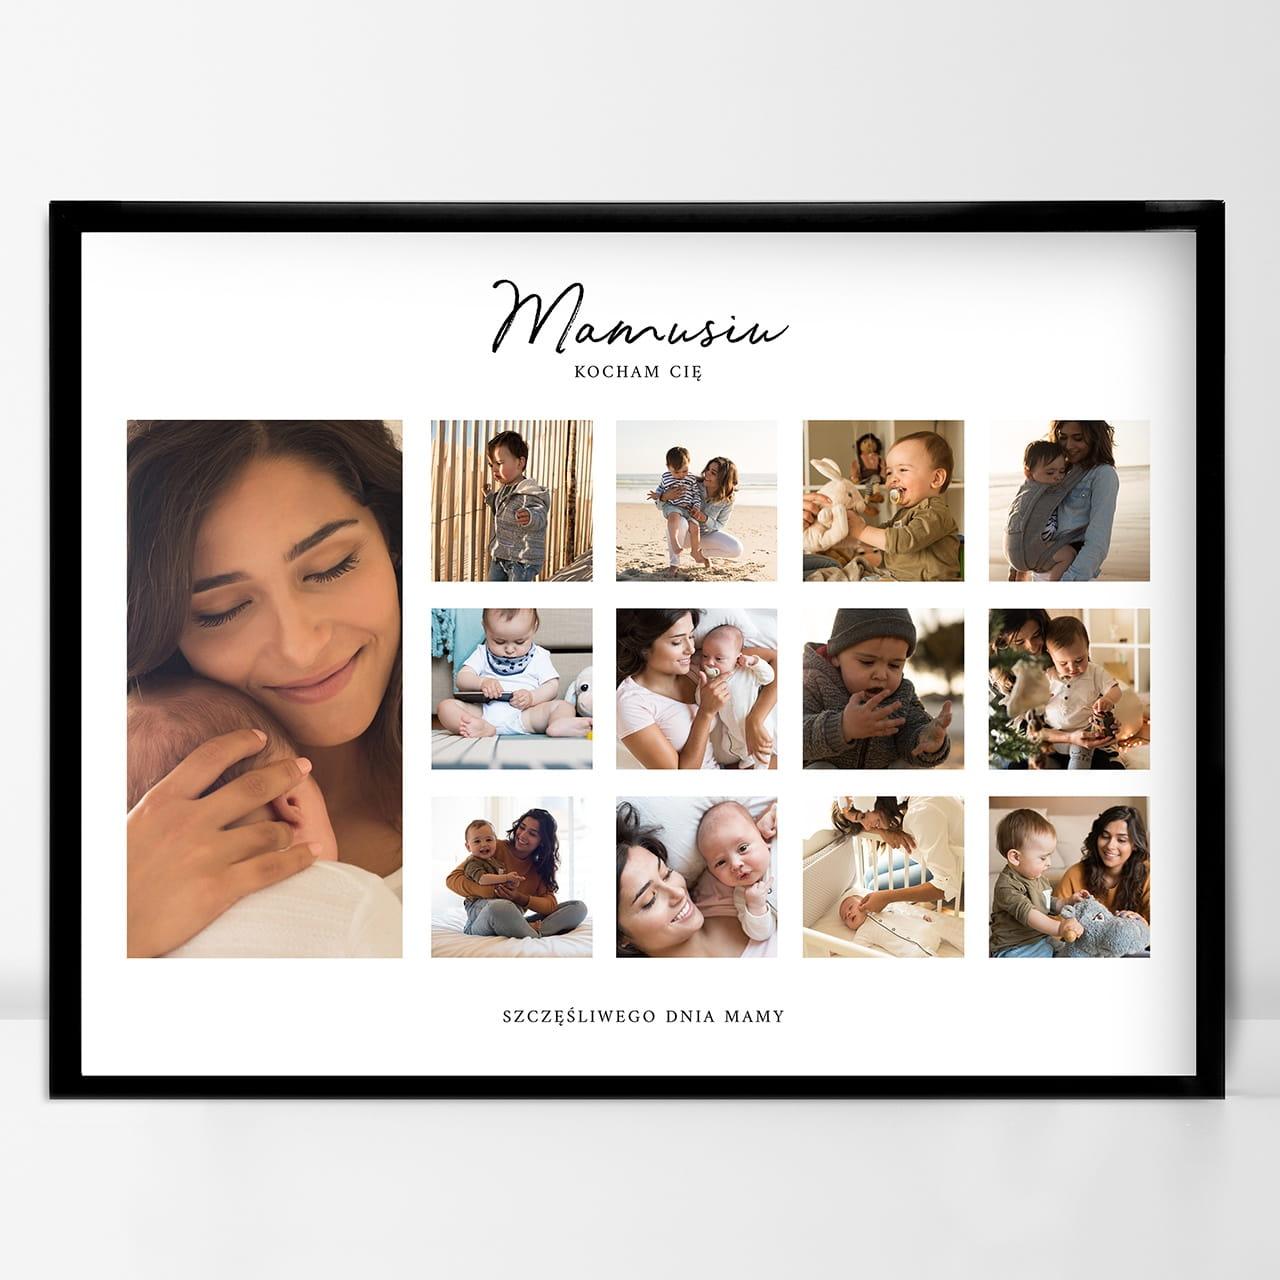 Plakat ze zdjęciami jako wyjątkowy prezent dla mamy